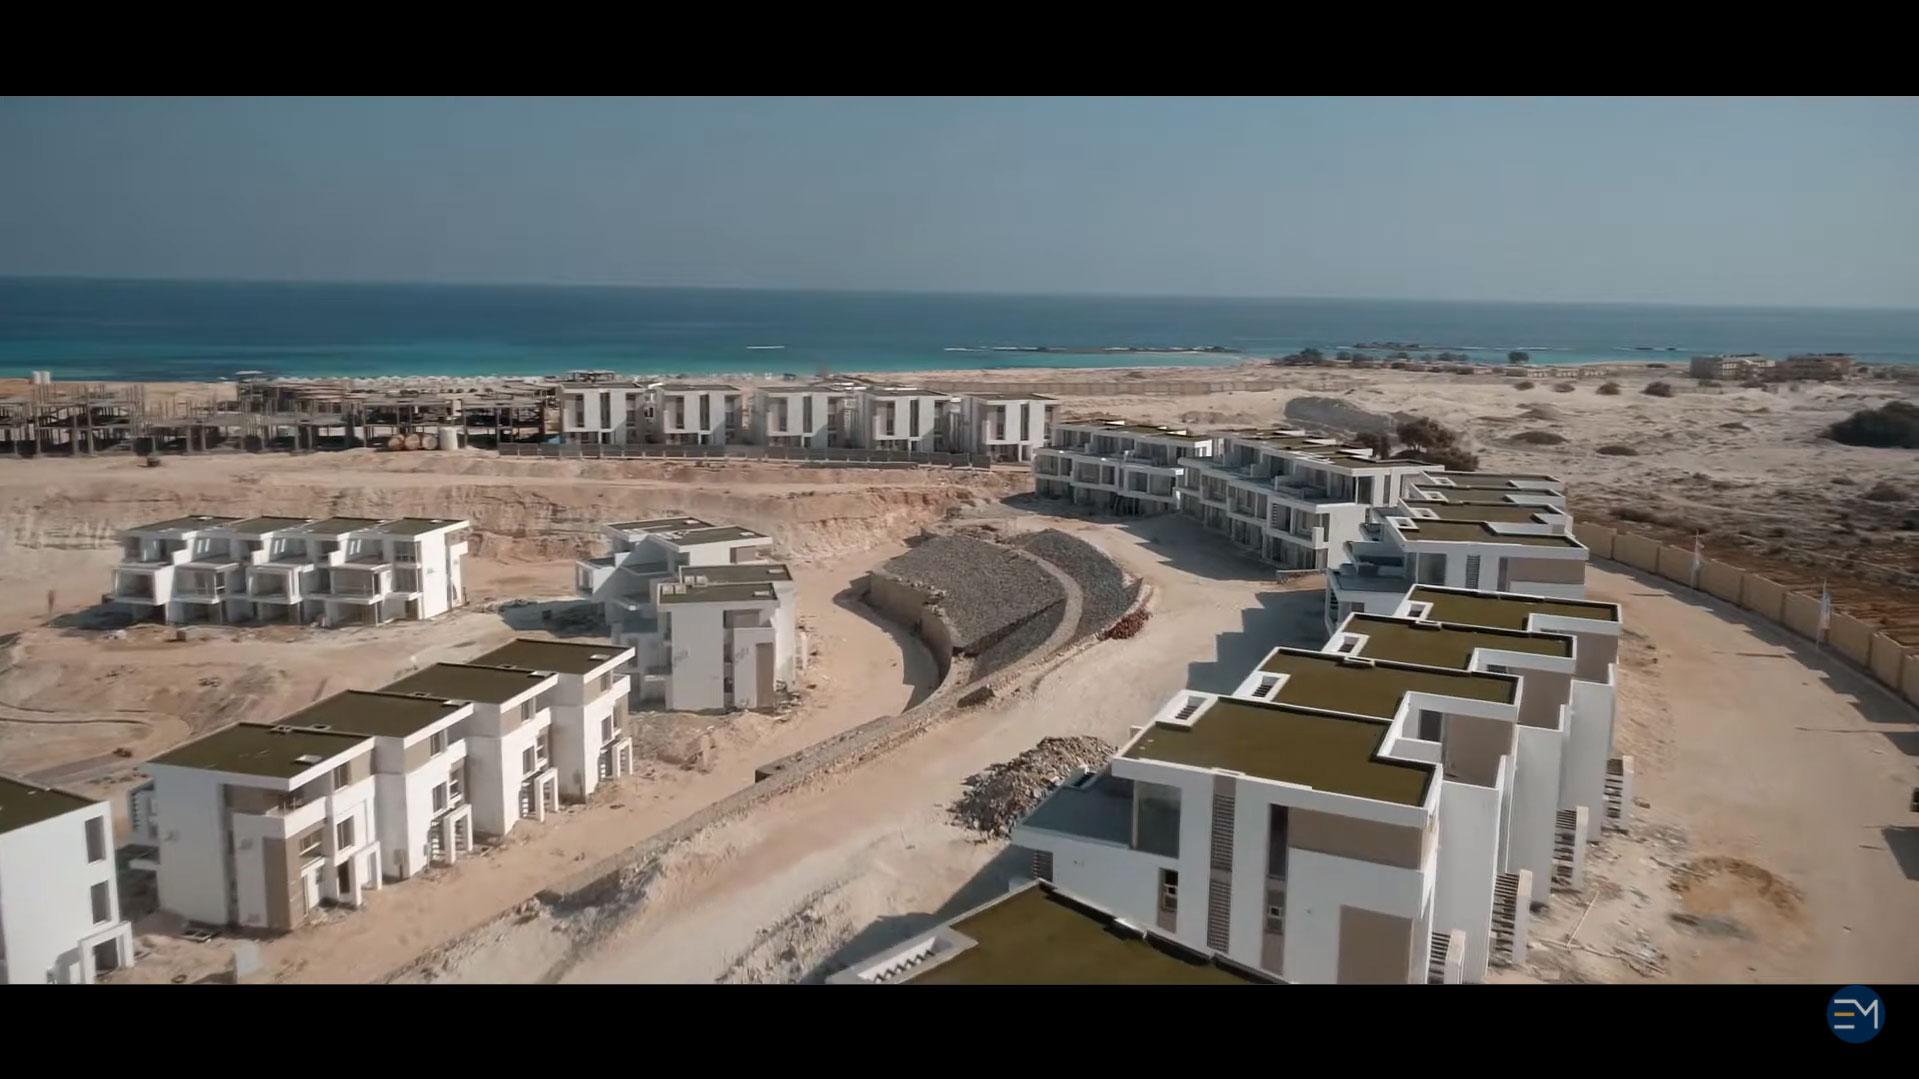 المصرية لتنمية المشروعات - إنتاج الفيديوهات -